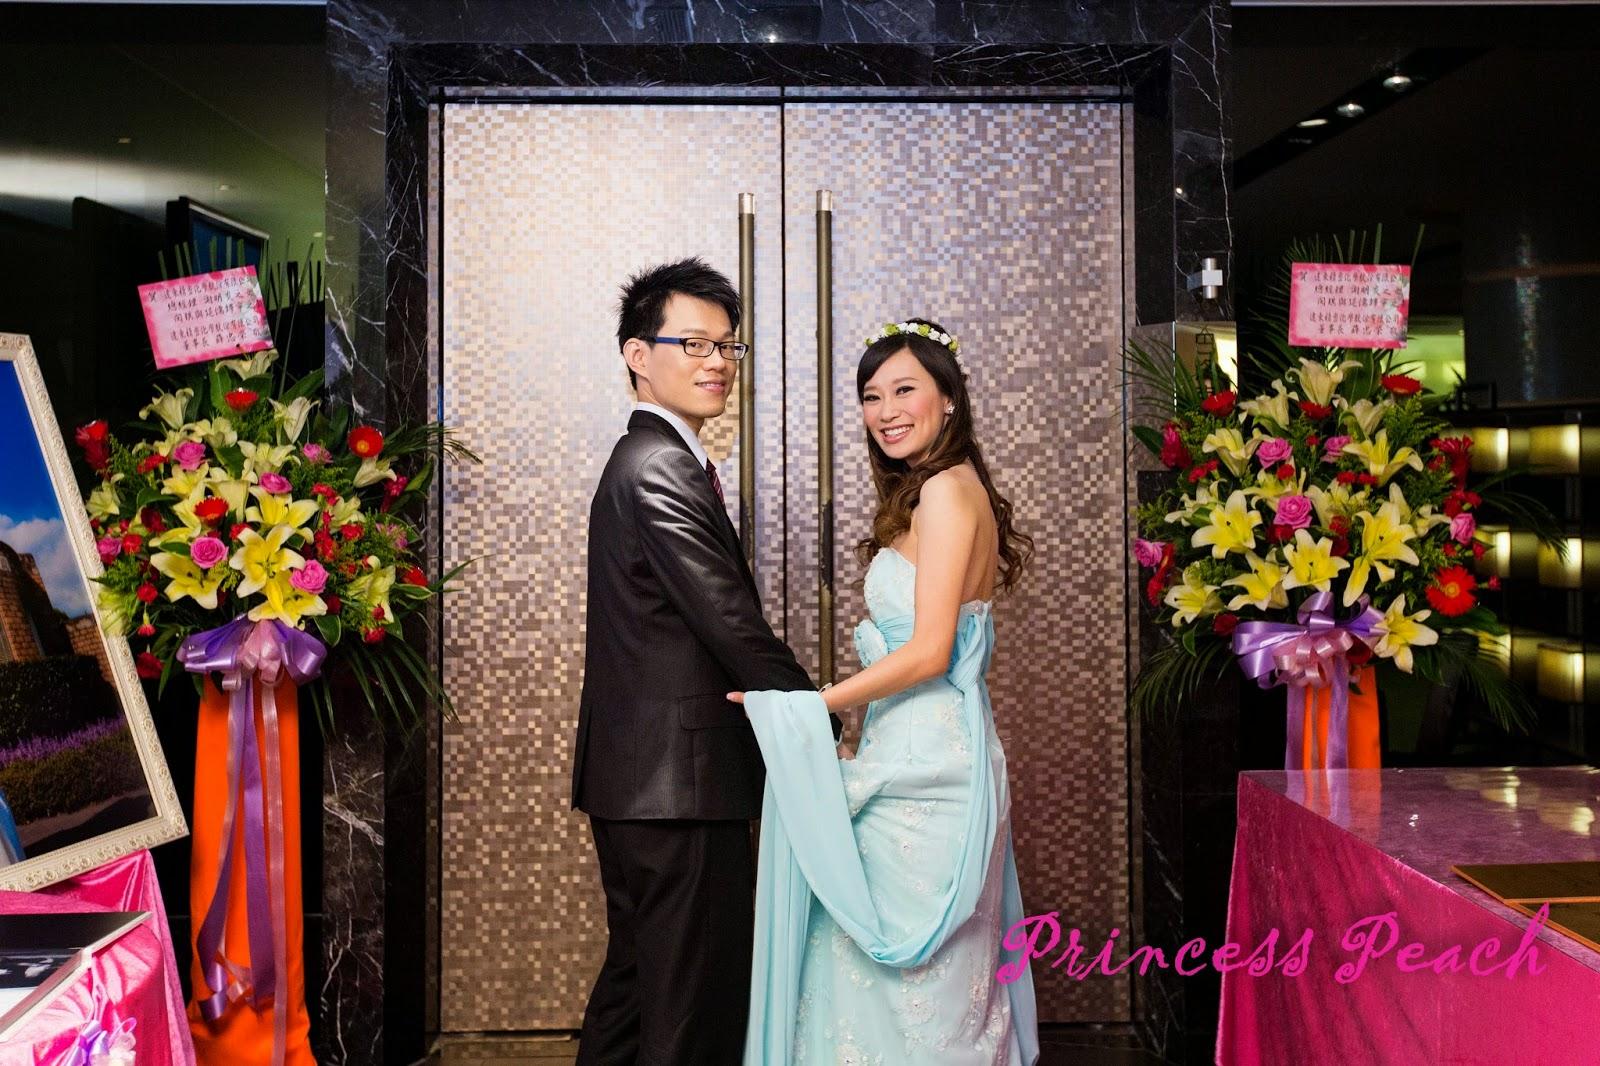 http://twpeach.blogspot.com/2014/04/wedding-pengyuan.html